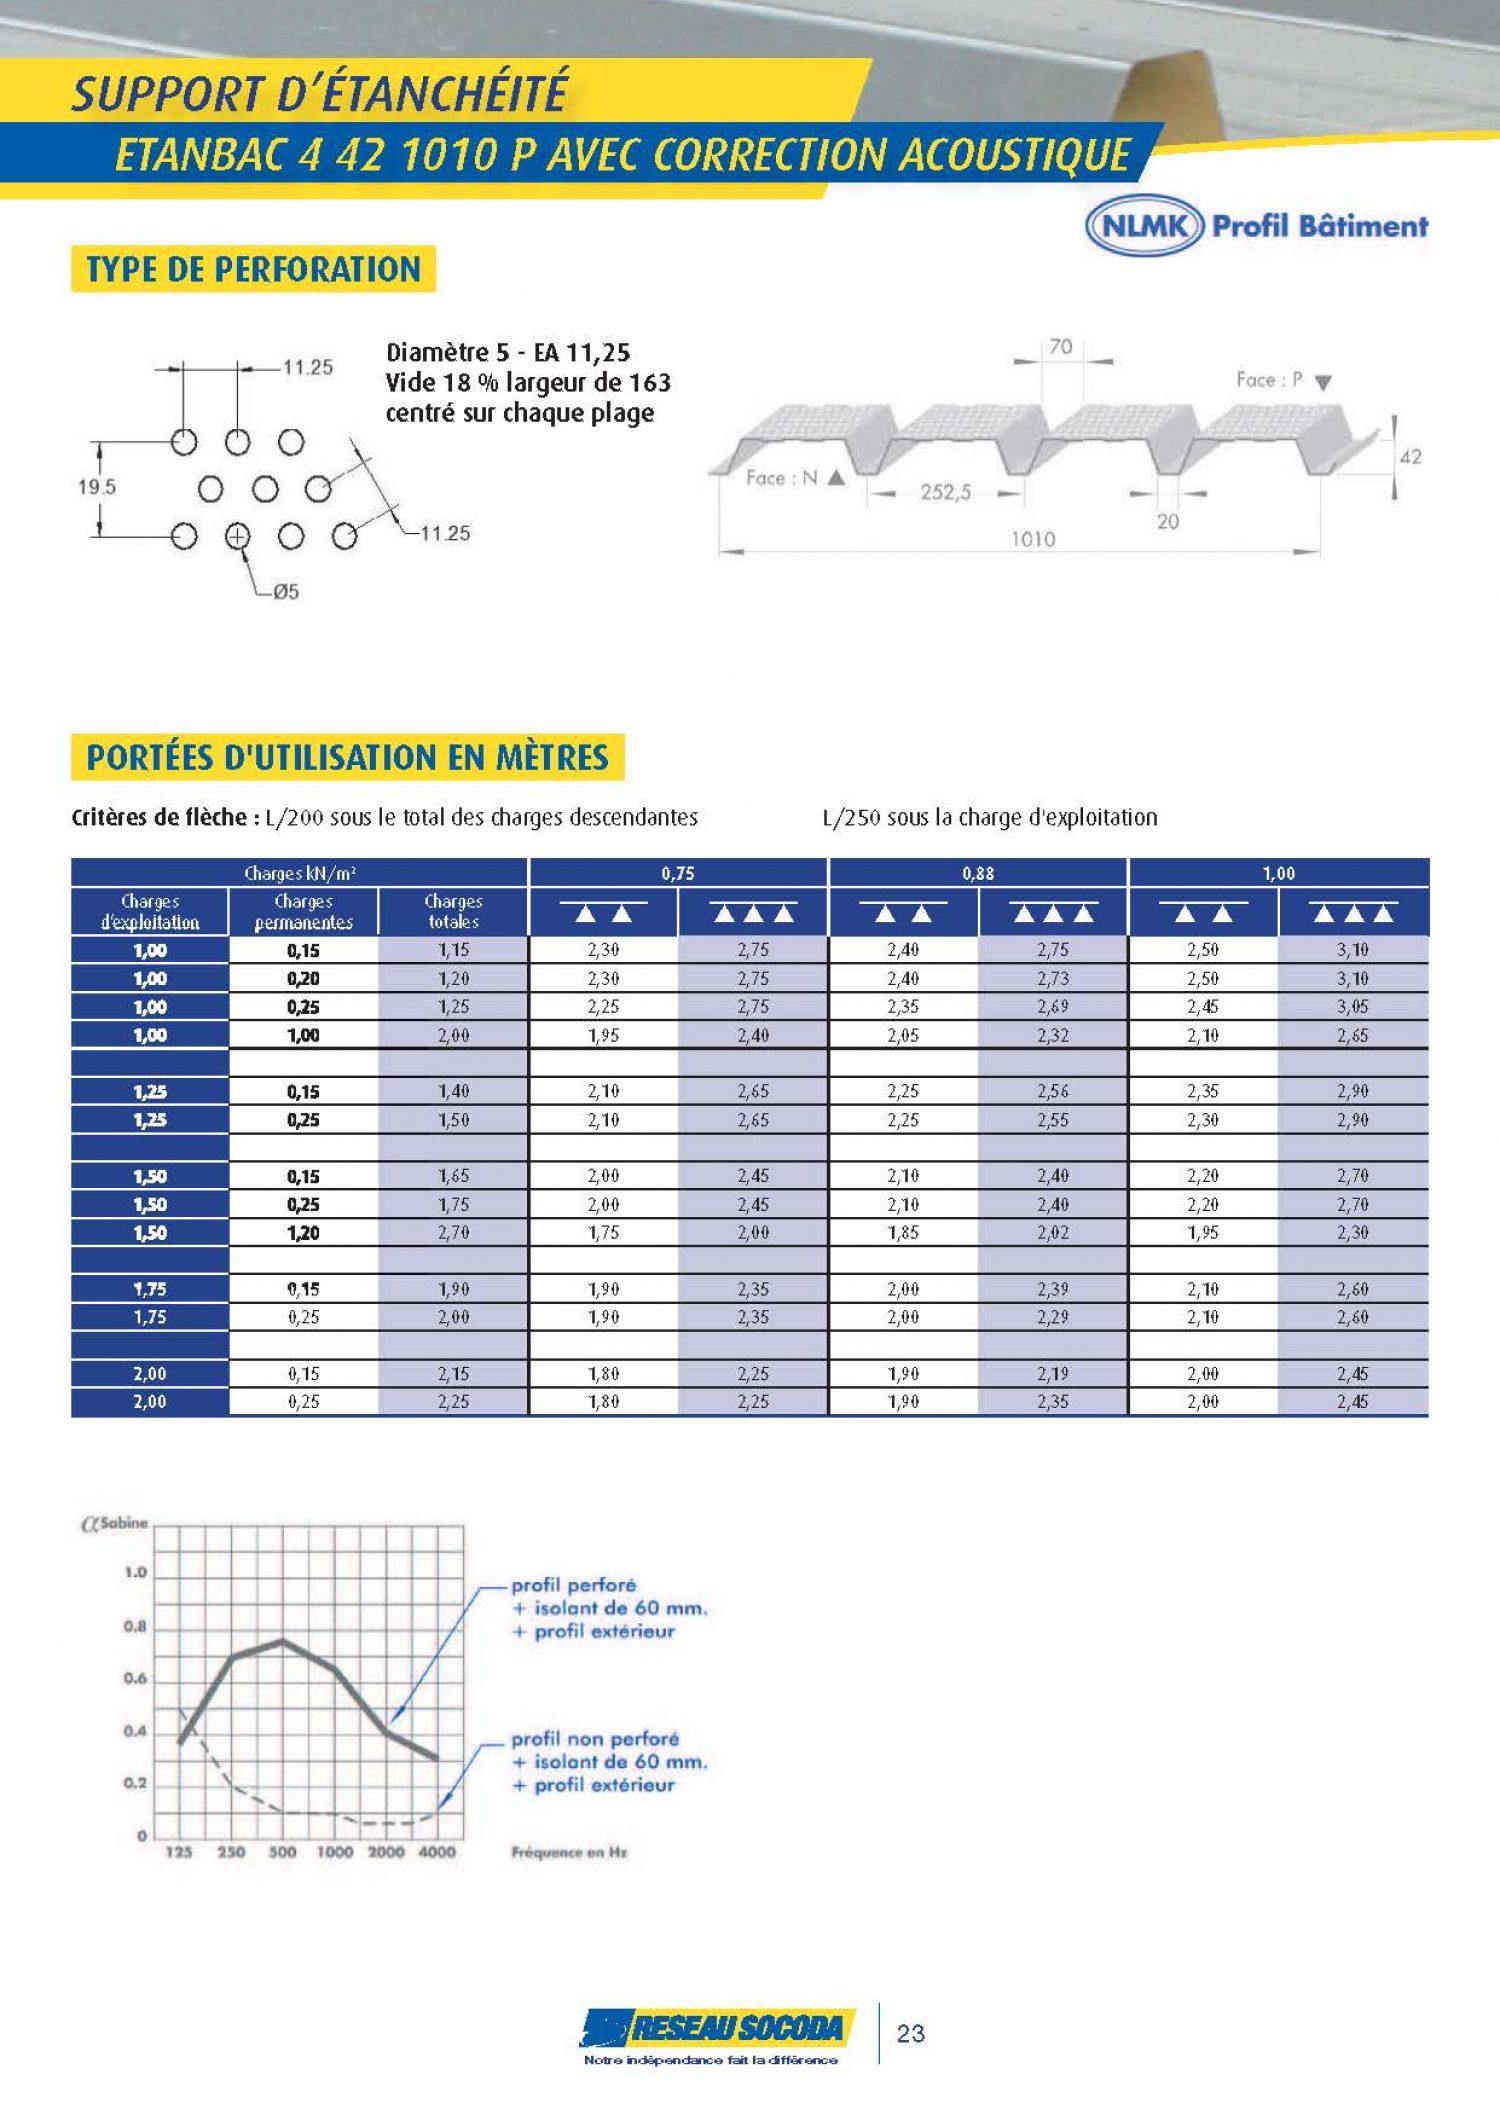 GERMOND_2014 PROFIL BATIMENT_20140324-184231_Page_23